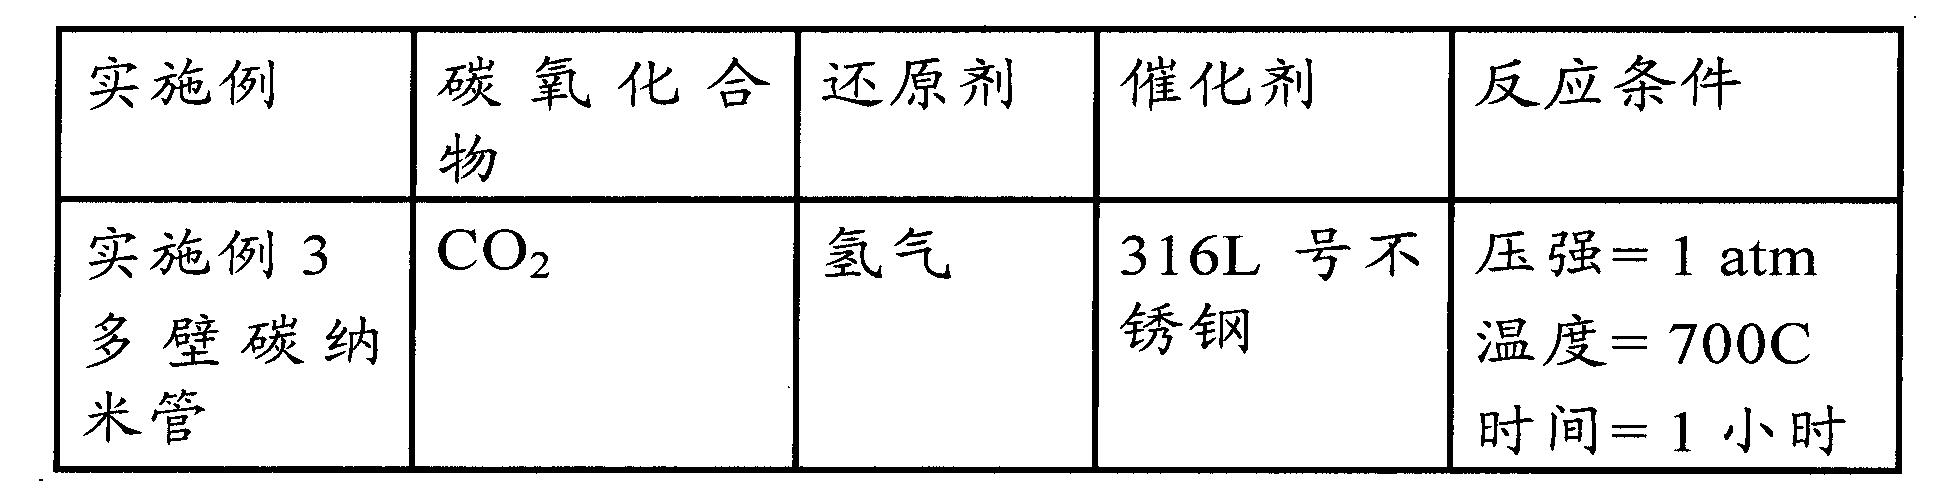 Figure CN102459727BD00241